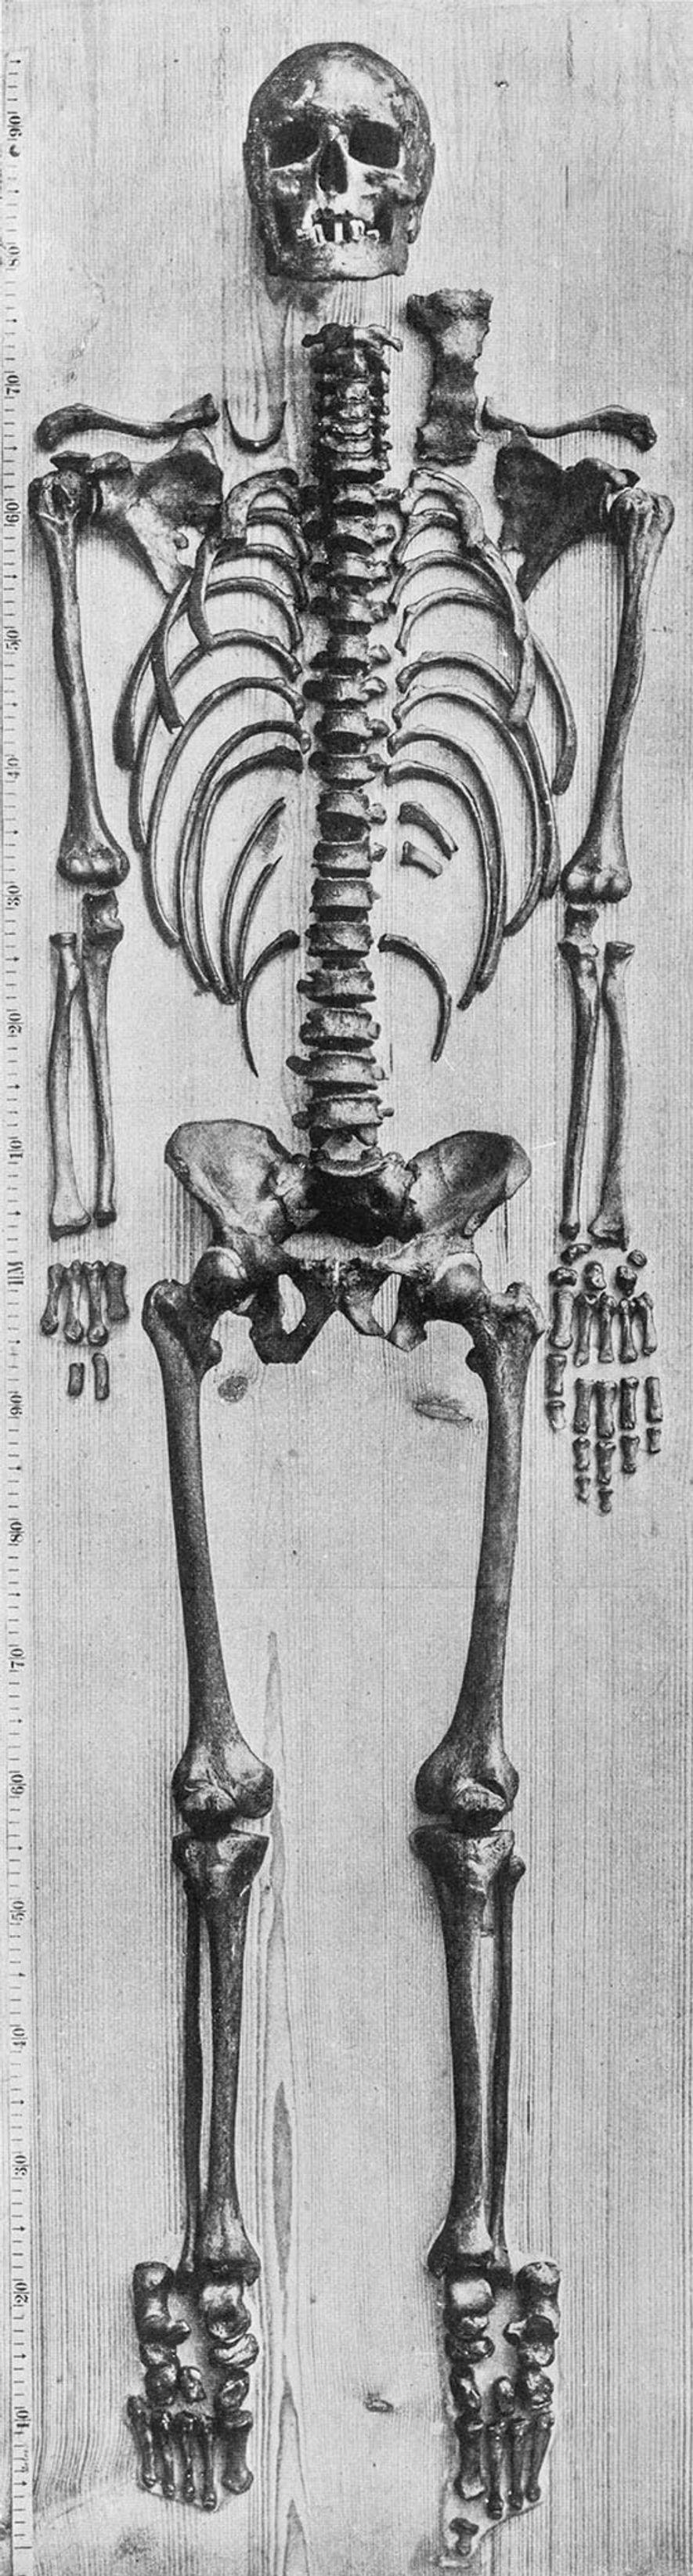 Bachs mutmaßliches Skelett wurde 1895 von dem Anatom Wilhelm His fotografiert. Andreas Otte untersuchte die linke Hand, da von der rechten zu viele Knochen fehlen.